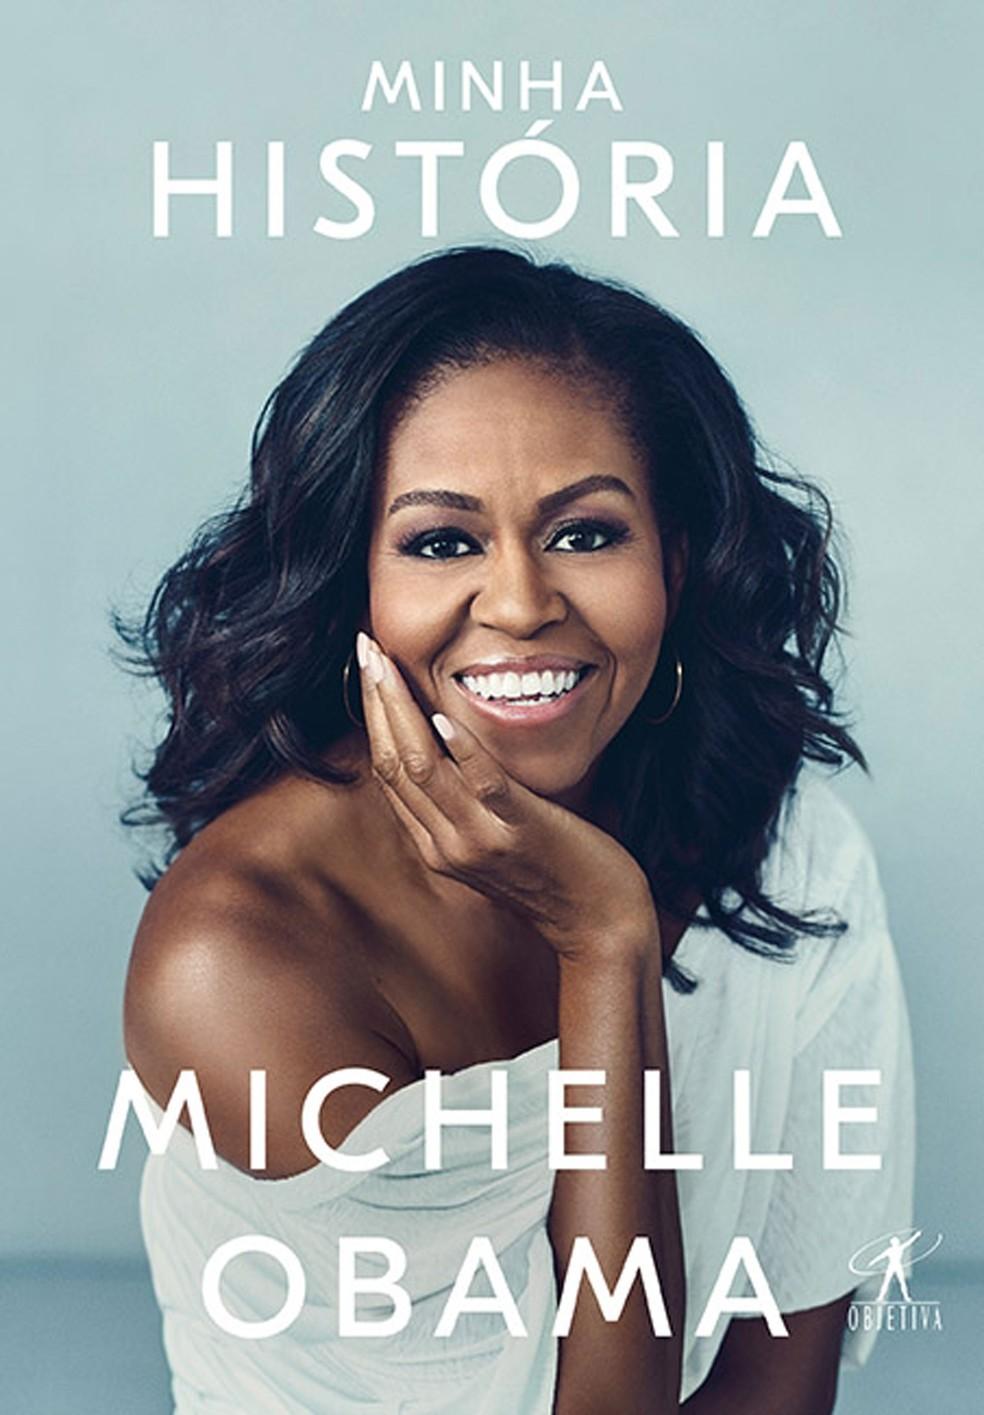 Capa do livro 'Minha história', autobiografia de Michelle Obama, ex-primeira-dama dos Estados Unidos — Foto: Divulgação/Objetiva